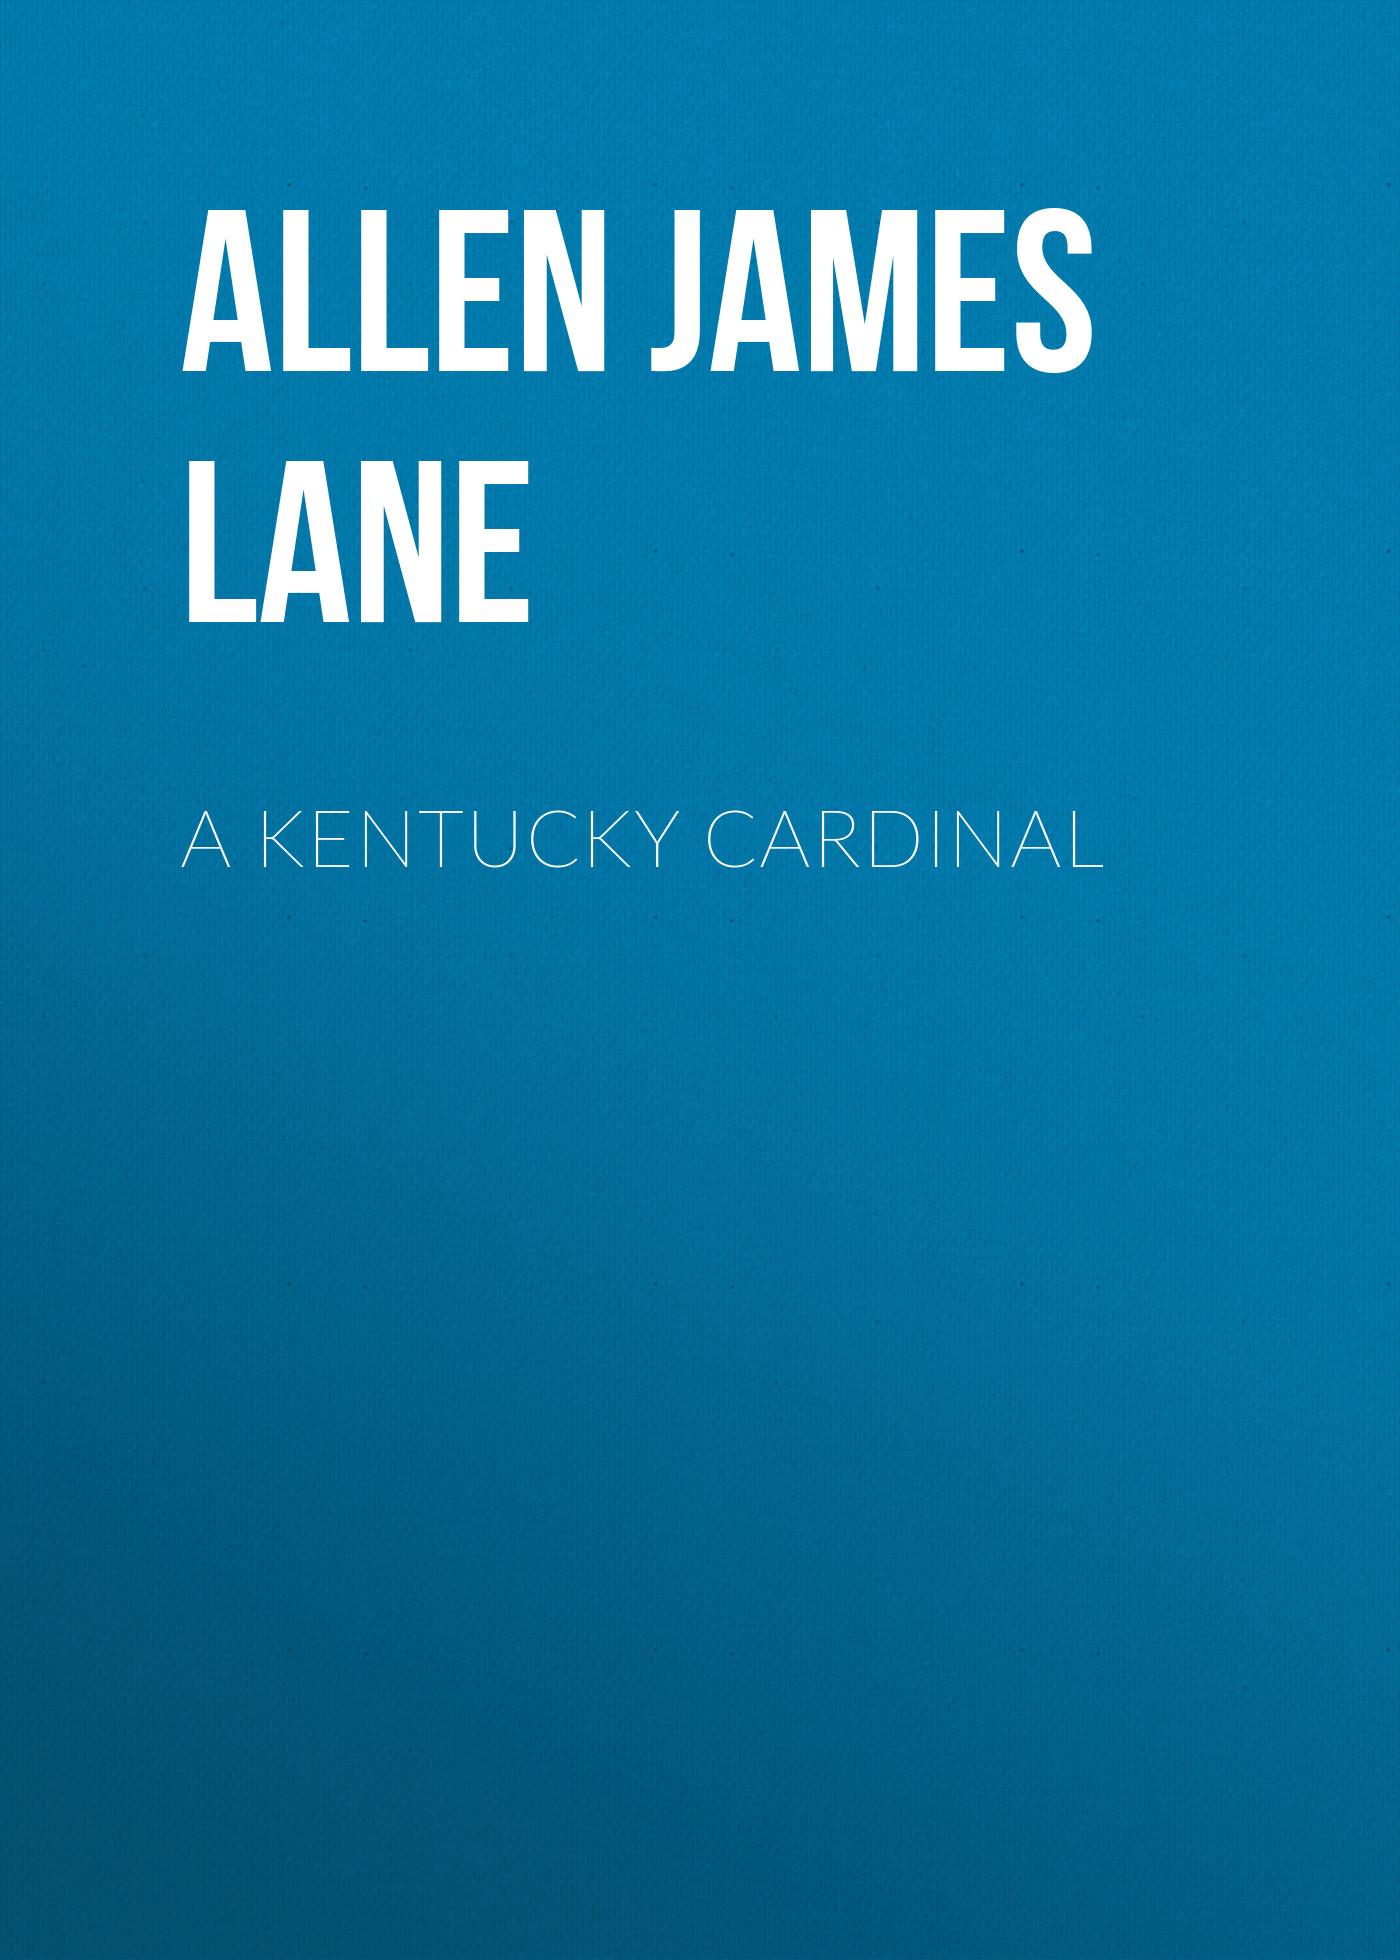 лучшая цена Allen James Lane A Kentucky Cardinal